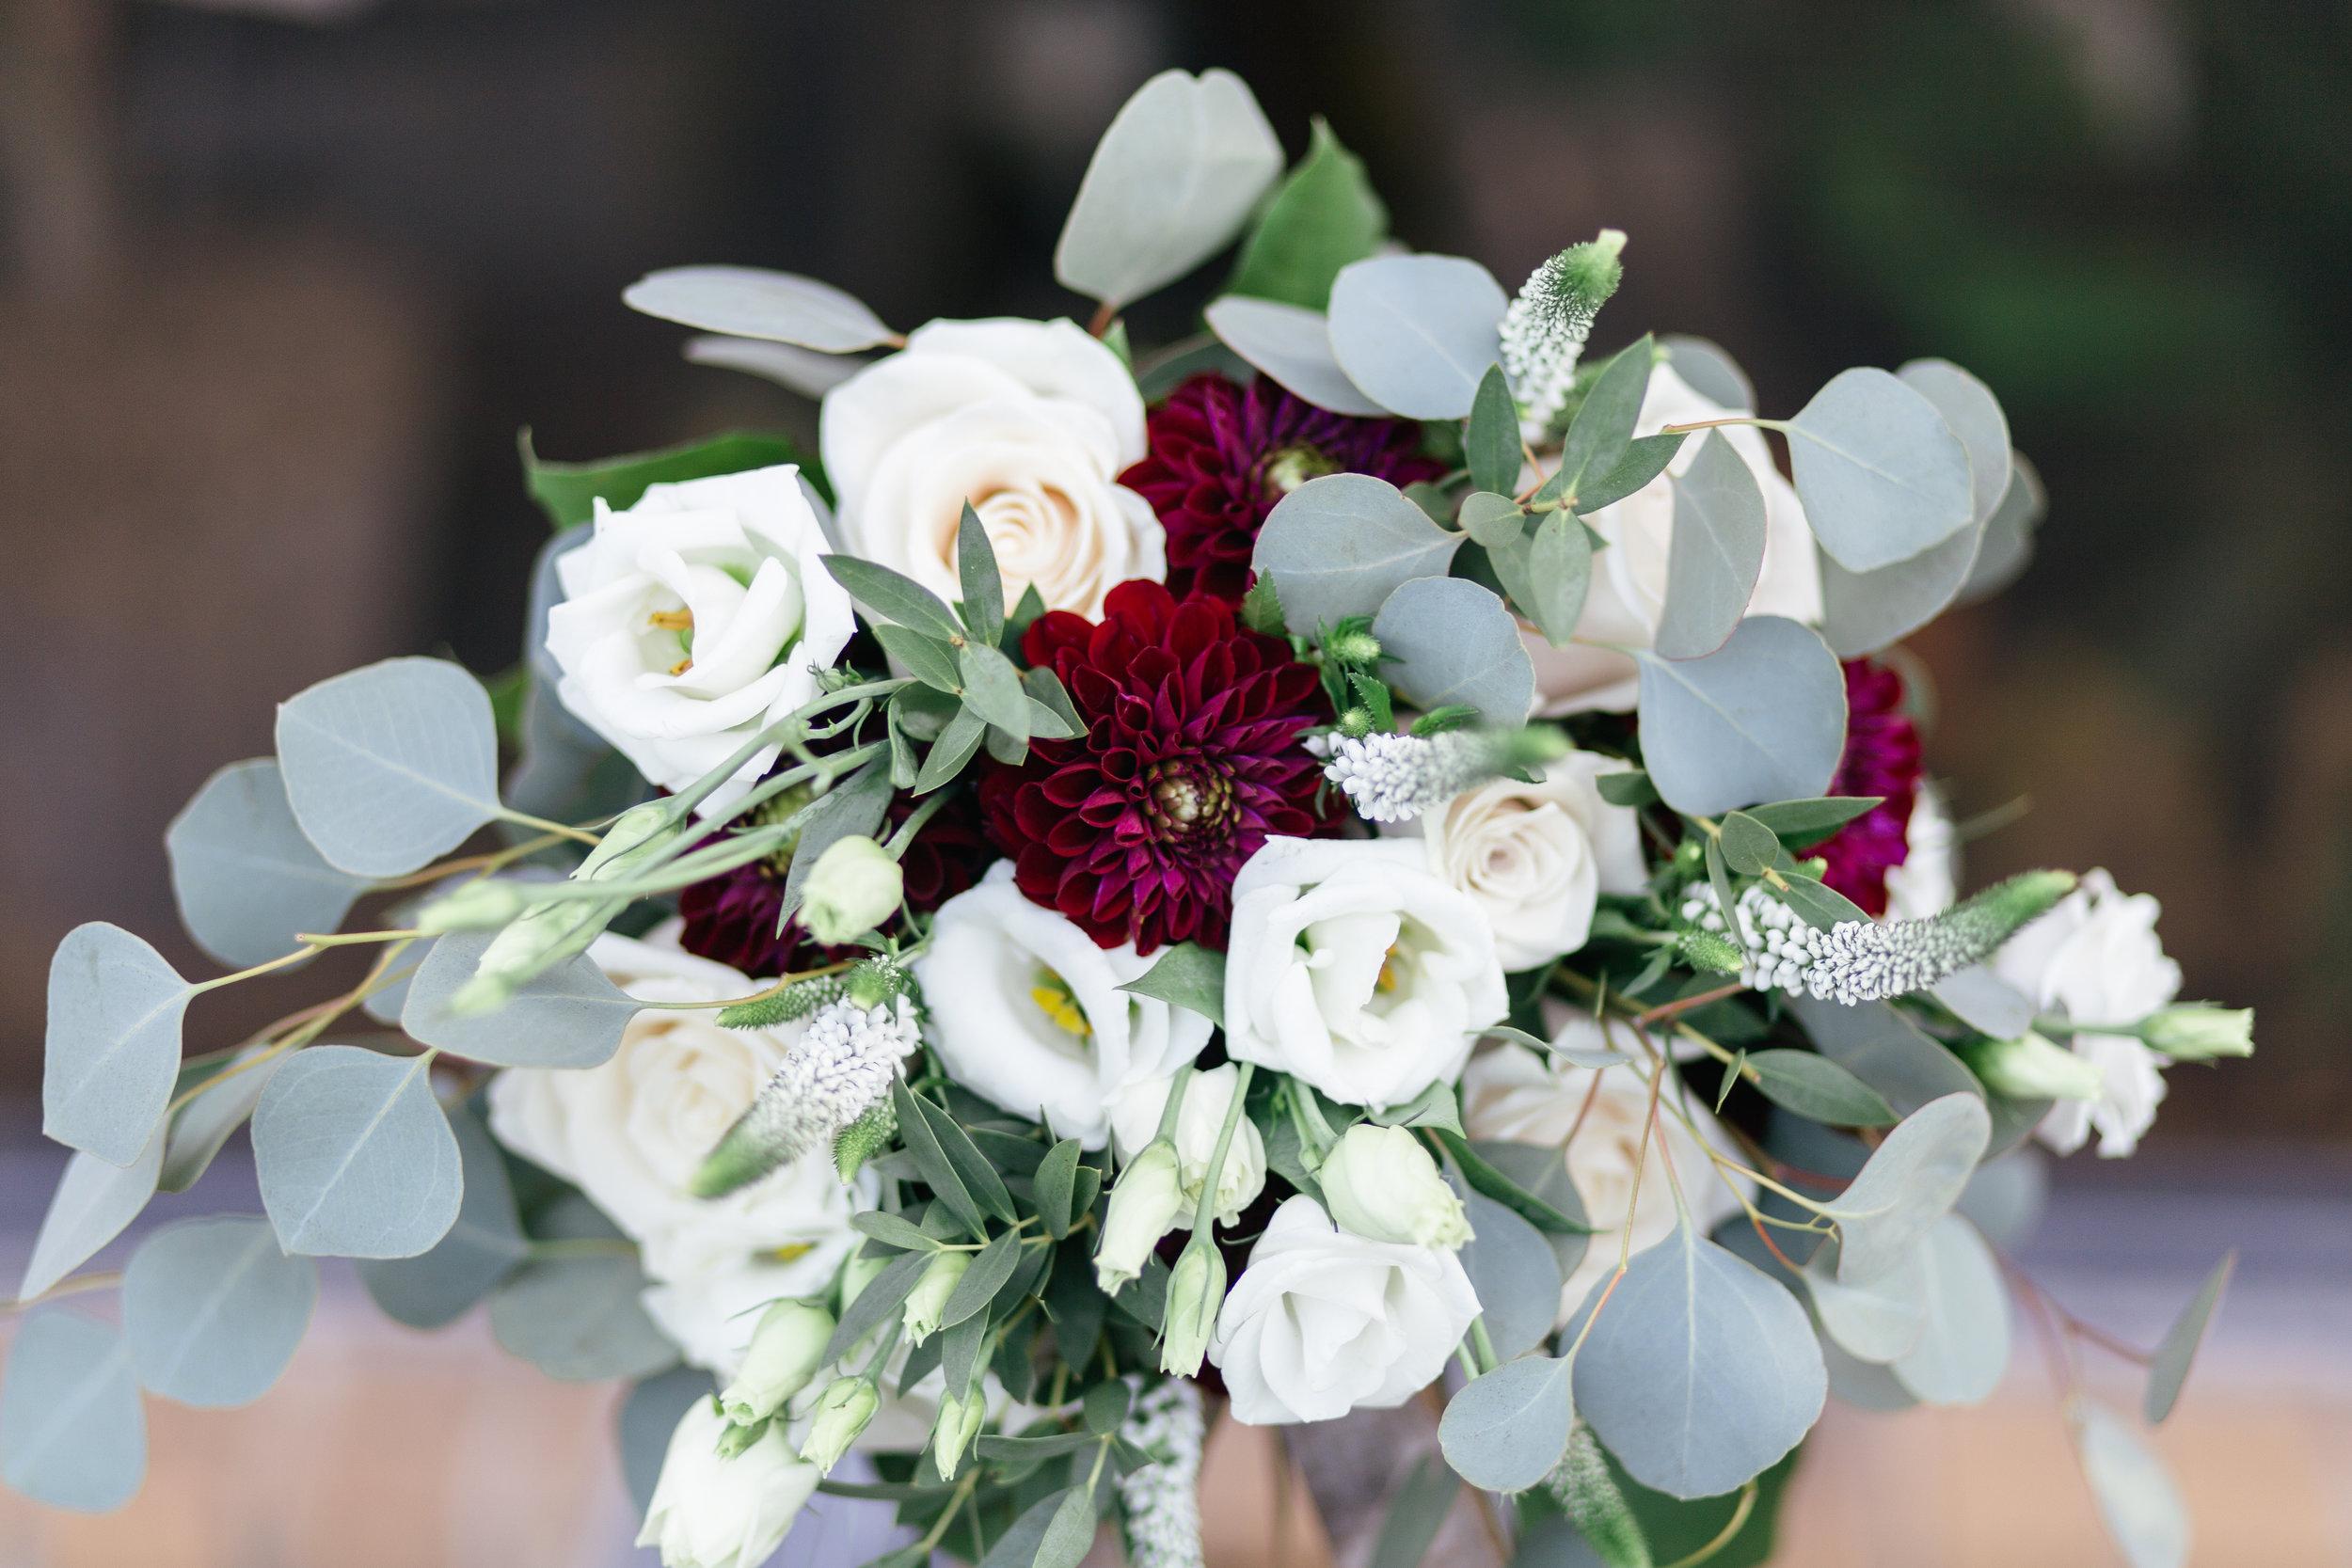 Trillium Floral Bouquet Photos-9.jpg